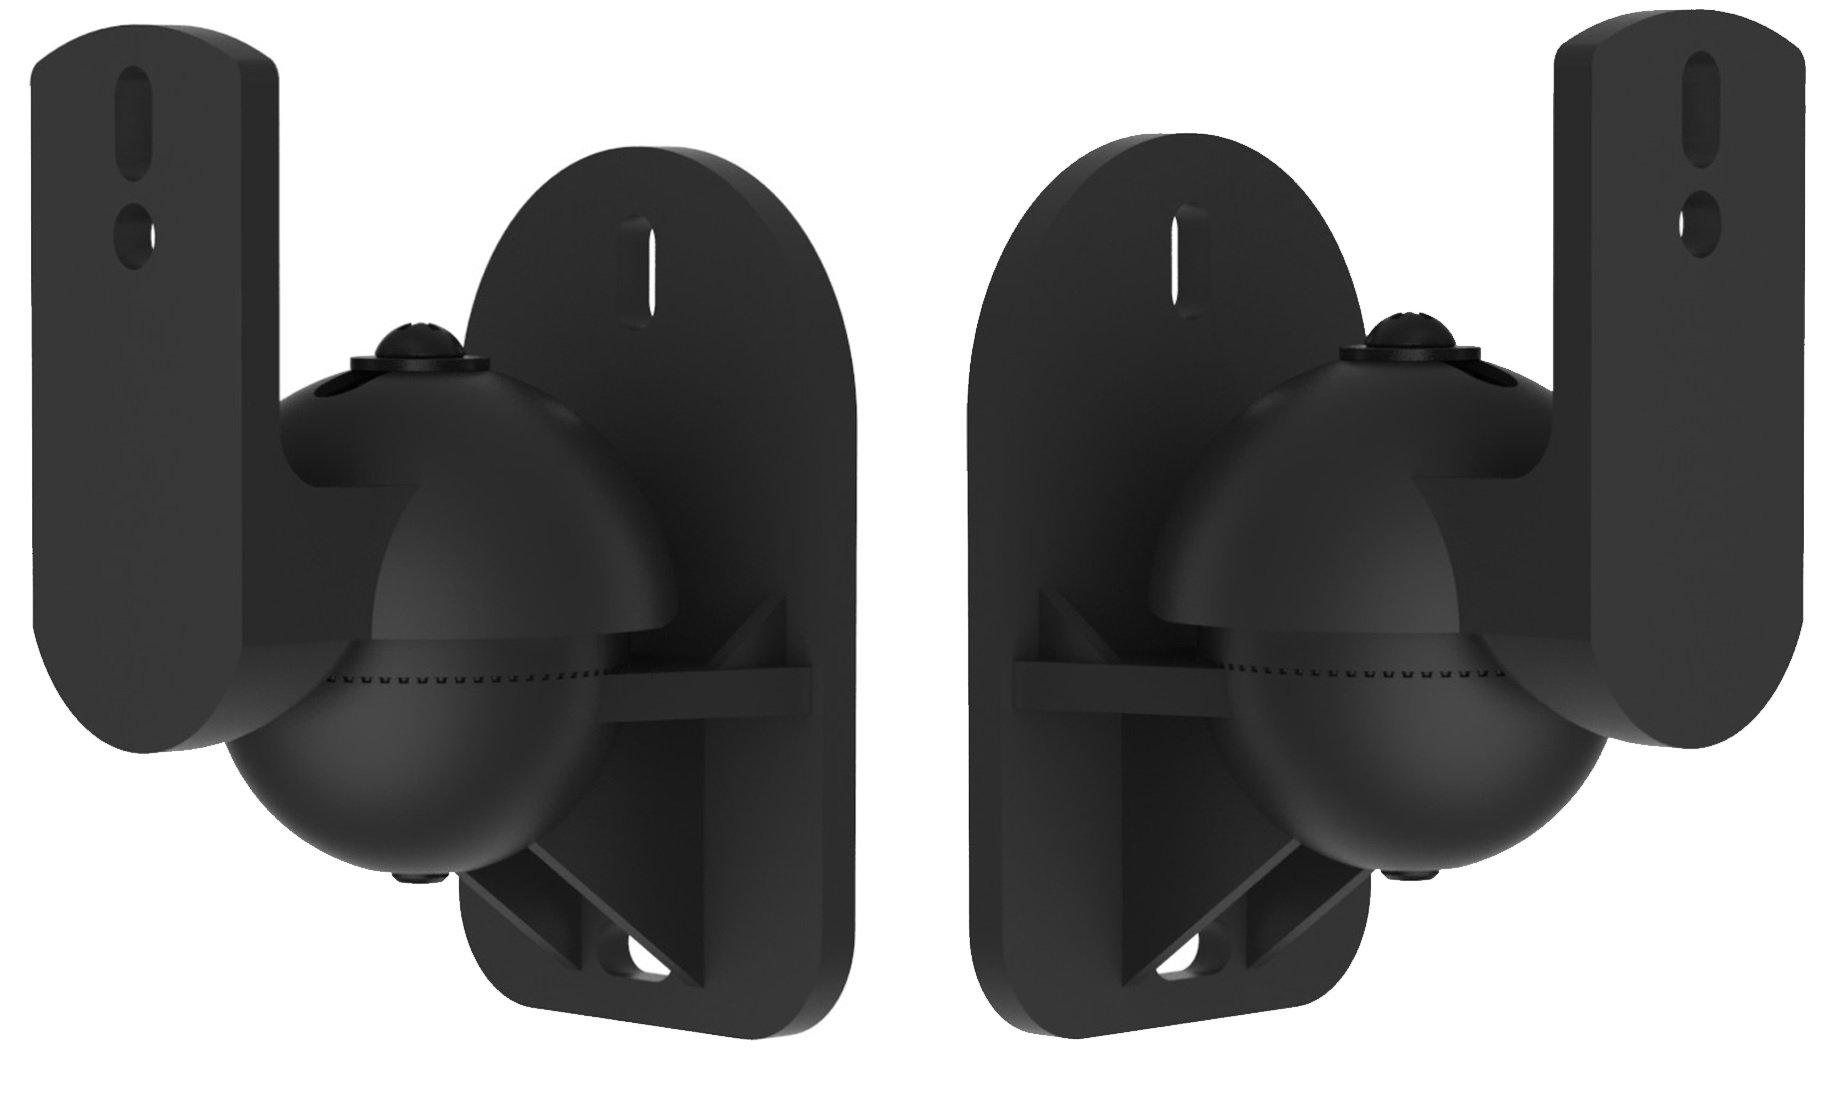 VonHaus Black Universal Wall Mount Speaker Brackets x 2 | 7.7lb Weight Capacity | Swivel & Tilt by VonHaus